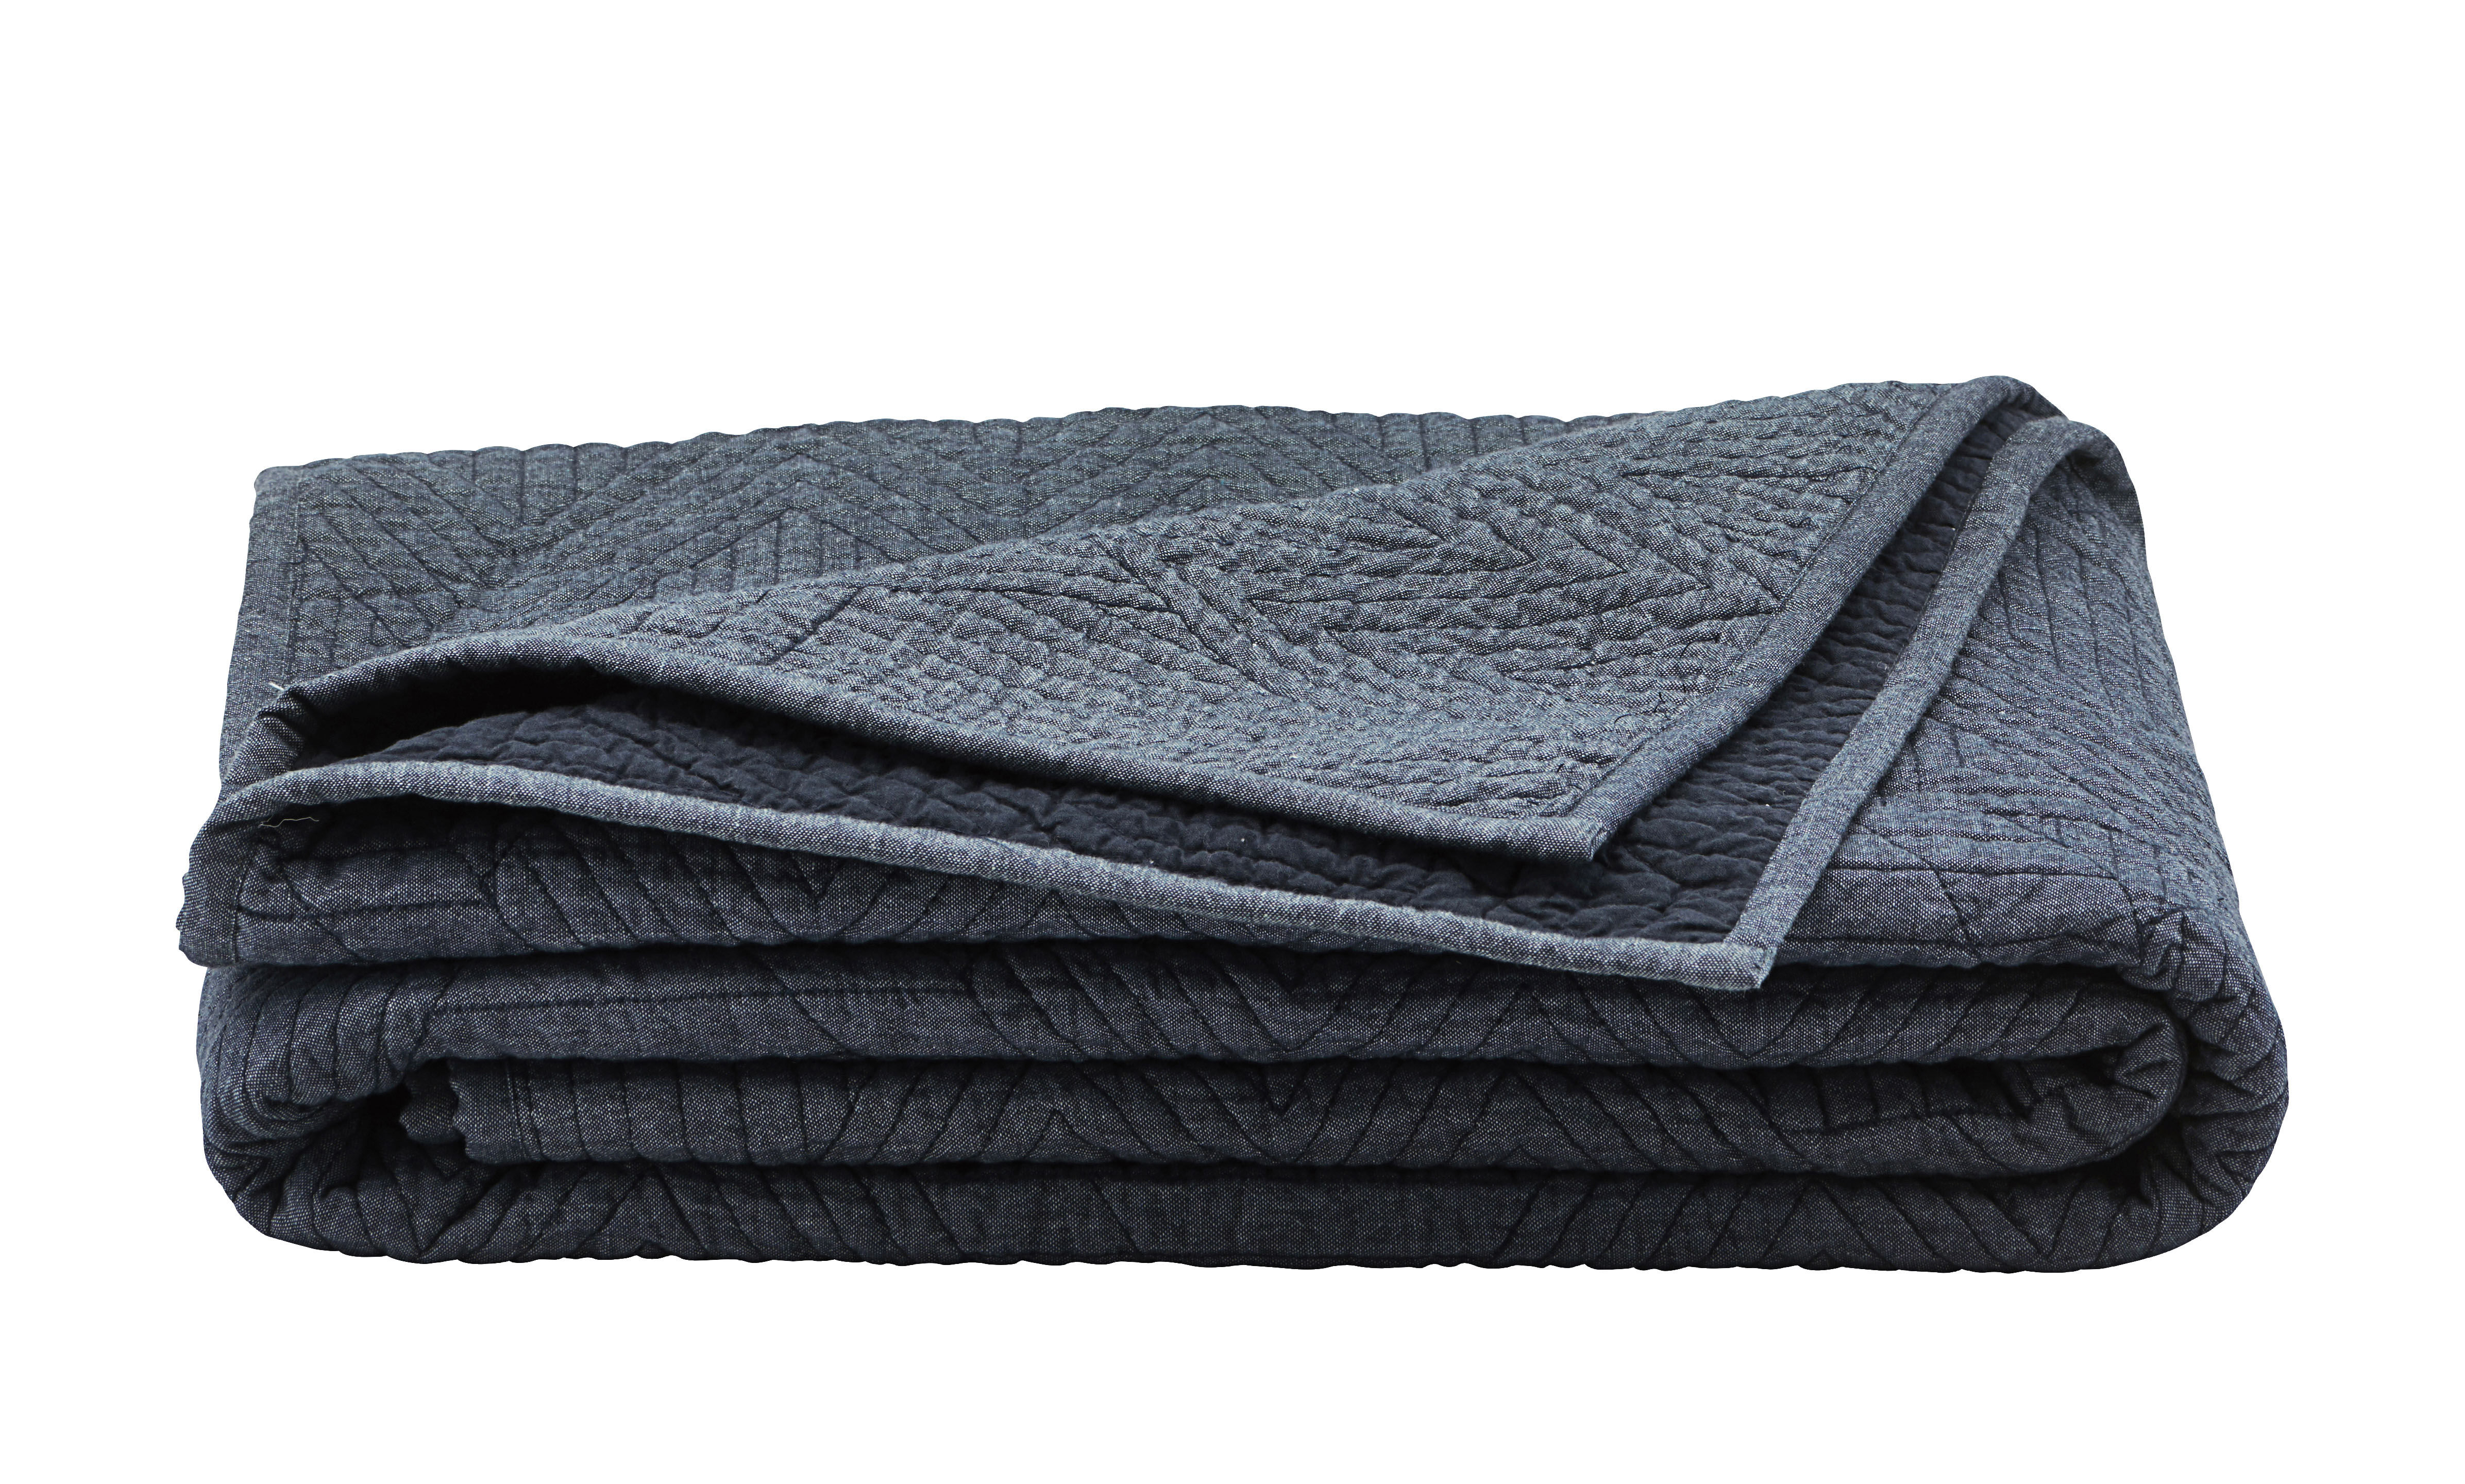 Déco - Textile - Couvre-lit Tria / Plaid matelassé - 140 x 220 cm - House Doctor - Bleu - Coton